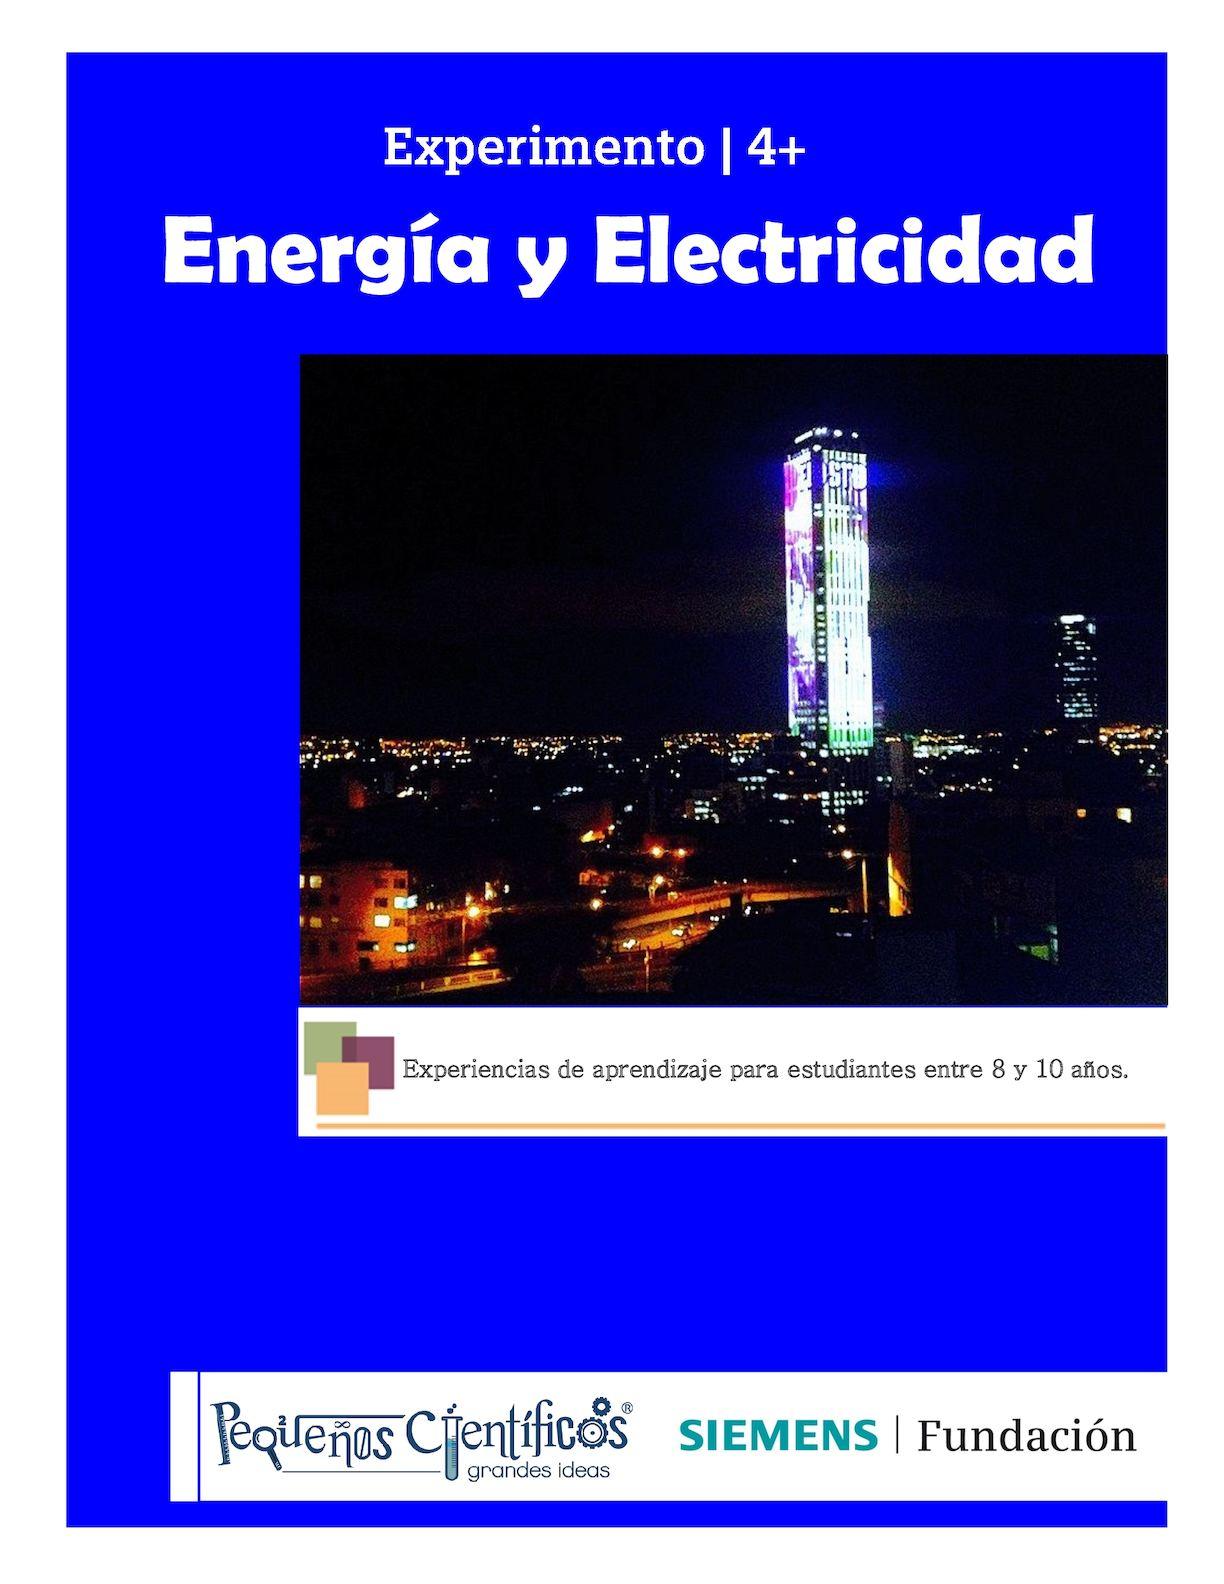 Circuito Que Recorre La Electricidad Desde Su Generación Hasta Su Consumo : Calaméo cartilla energia y electricidad completo